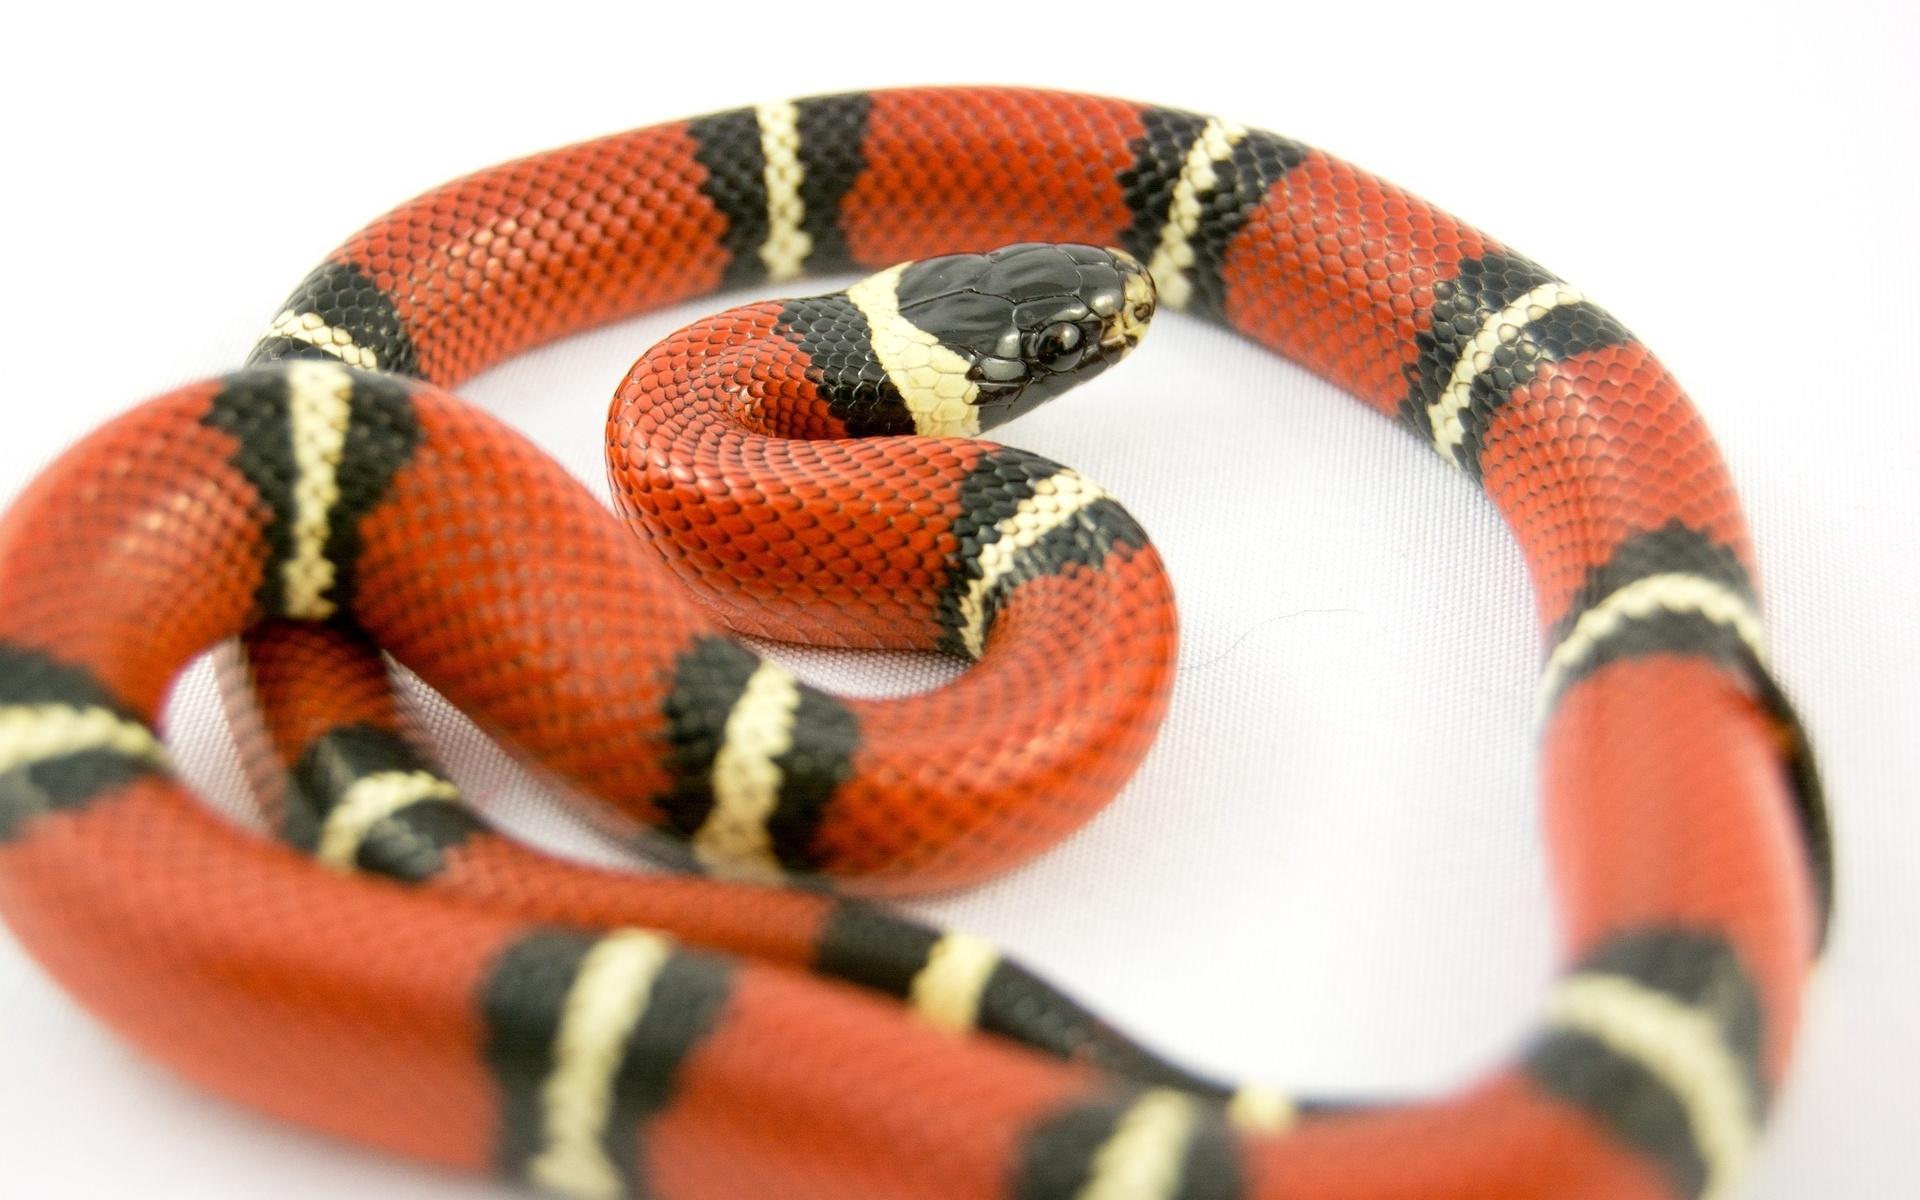 змея, полосатая, оранжевый